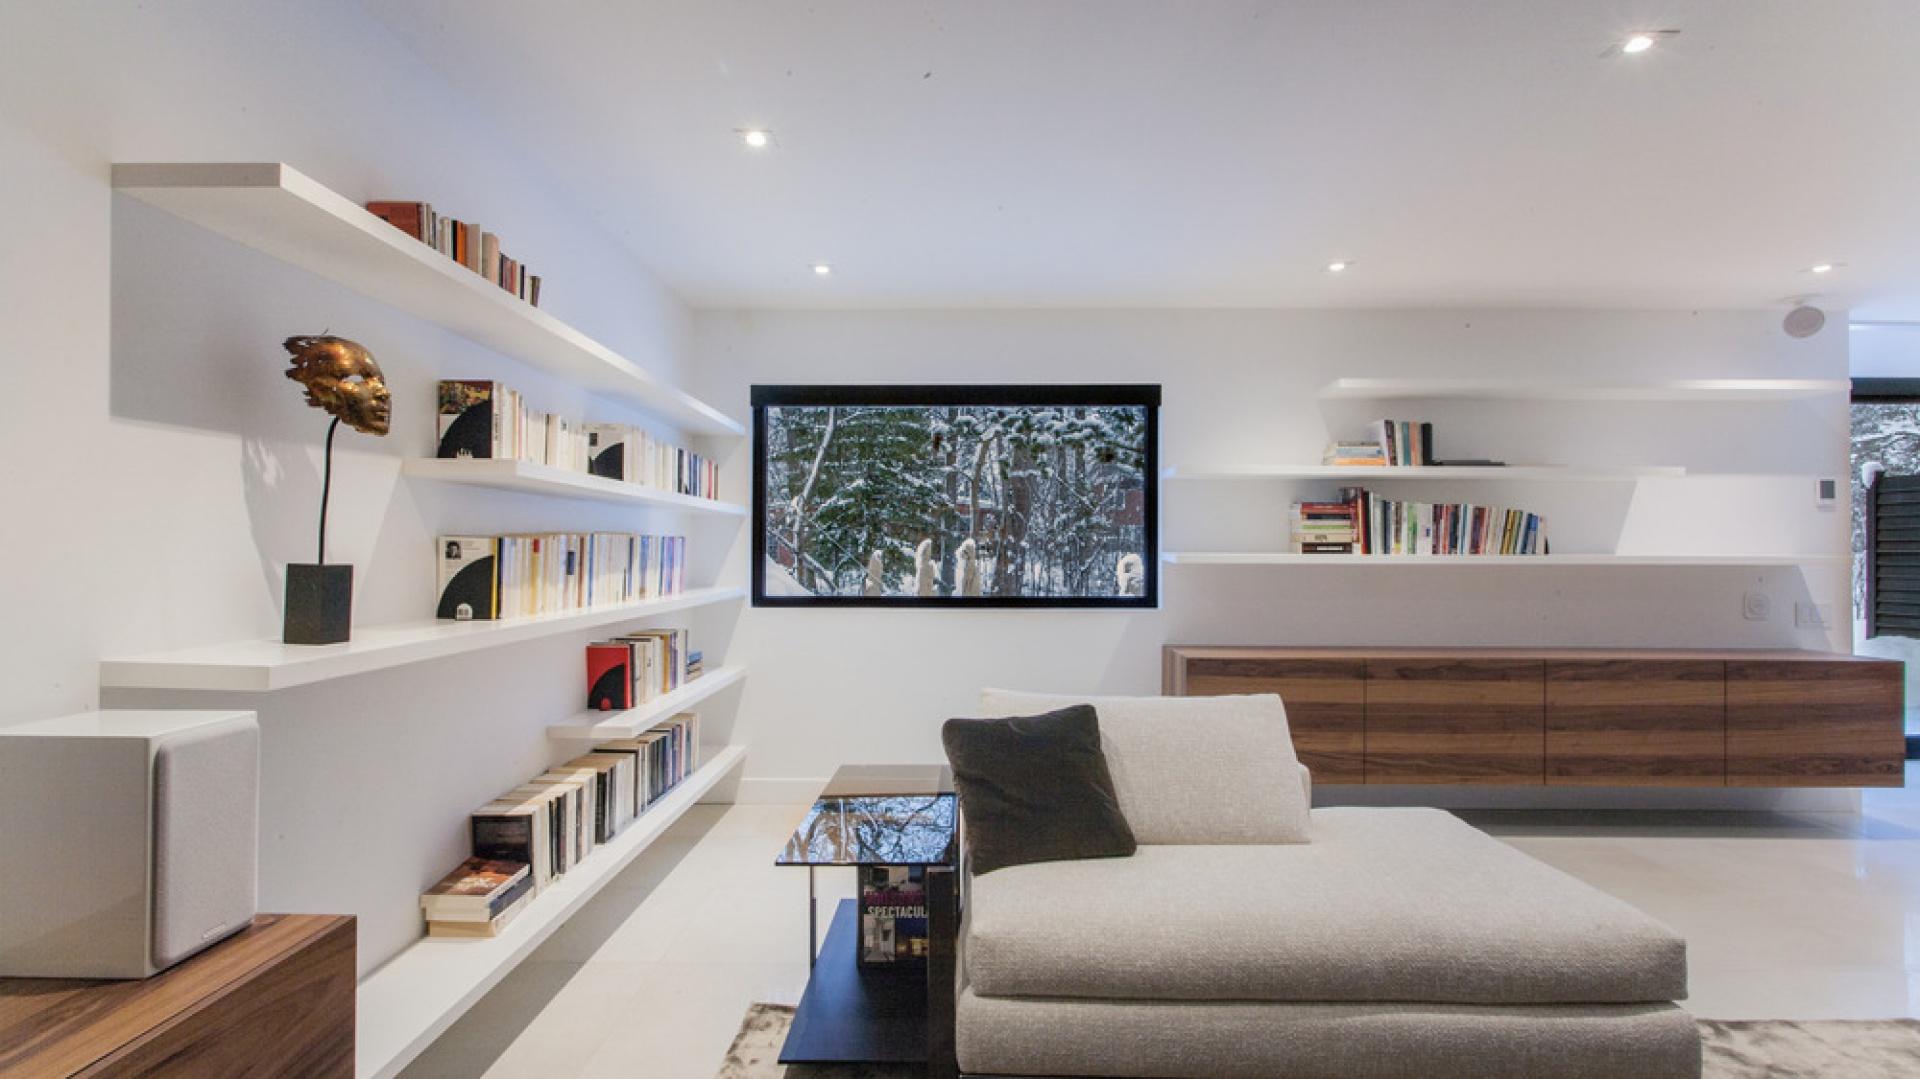 We wnętrzach dominują biel, beże i szarości. Neutralne kolory tworzą przyjemną przestrzeń, zachęcającą do wypoczynku. Projekt: Frédric Clairoux, Julie Lafontaine. Fot. JB Valiquette.